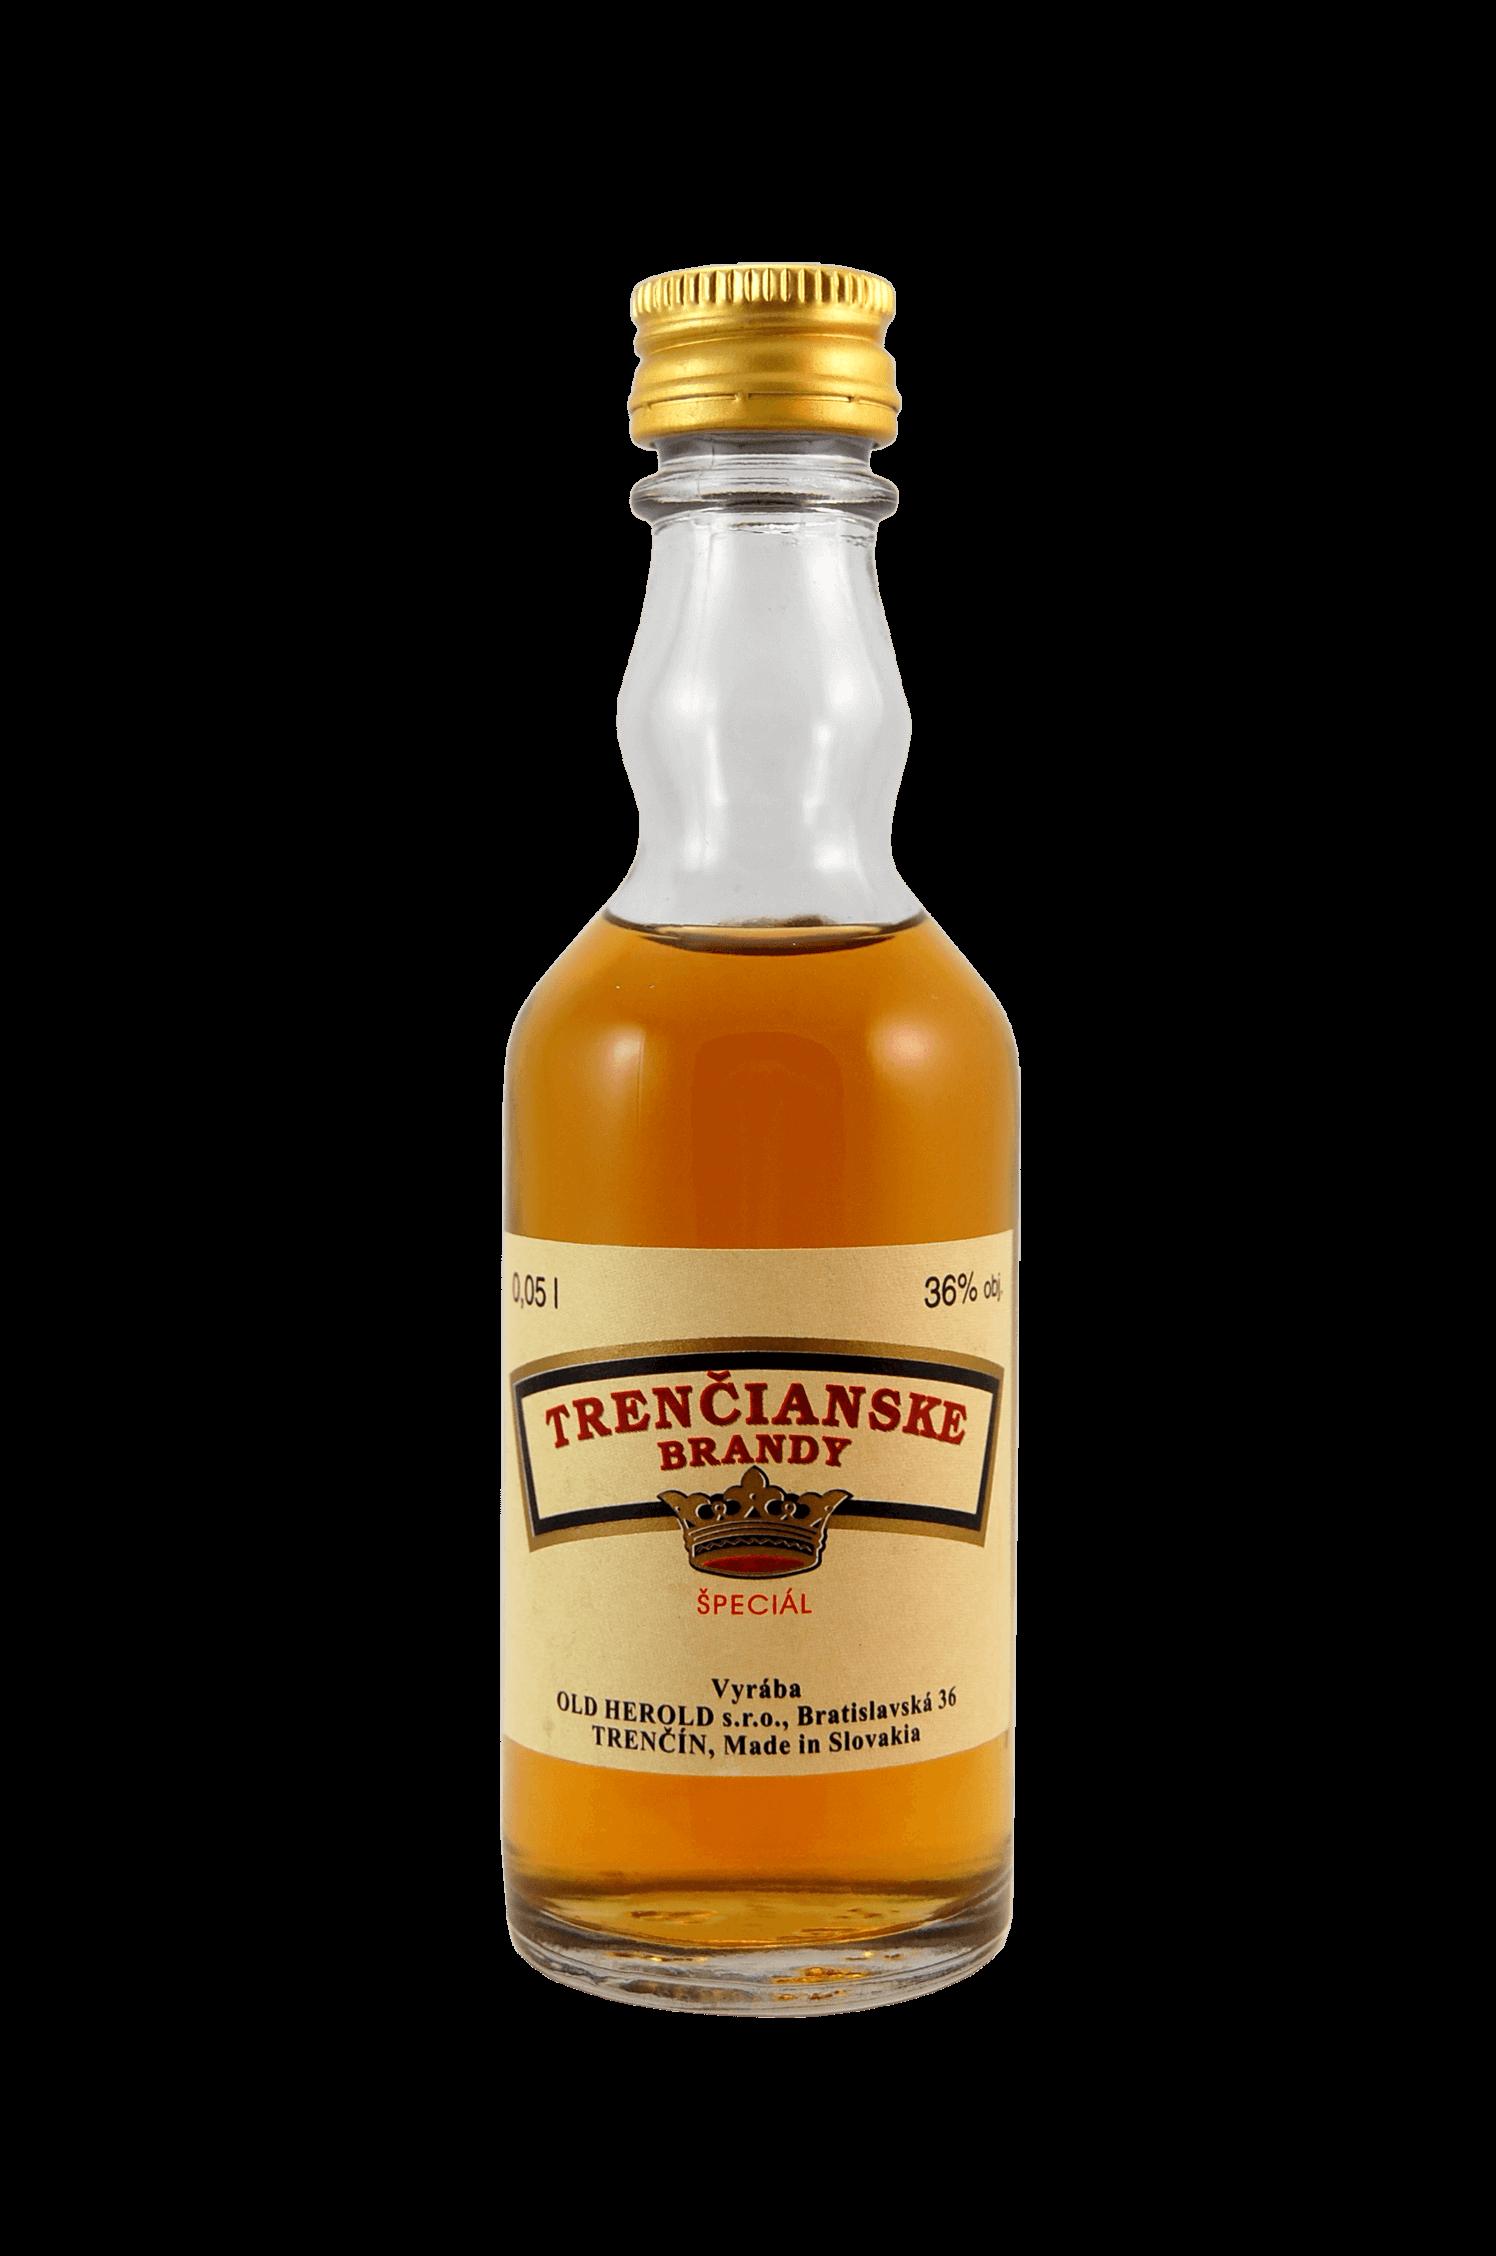 Trenčianske Brandy Špecial